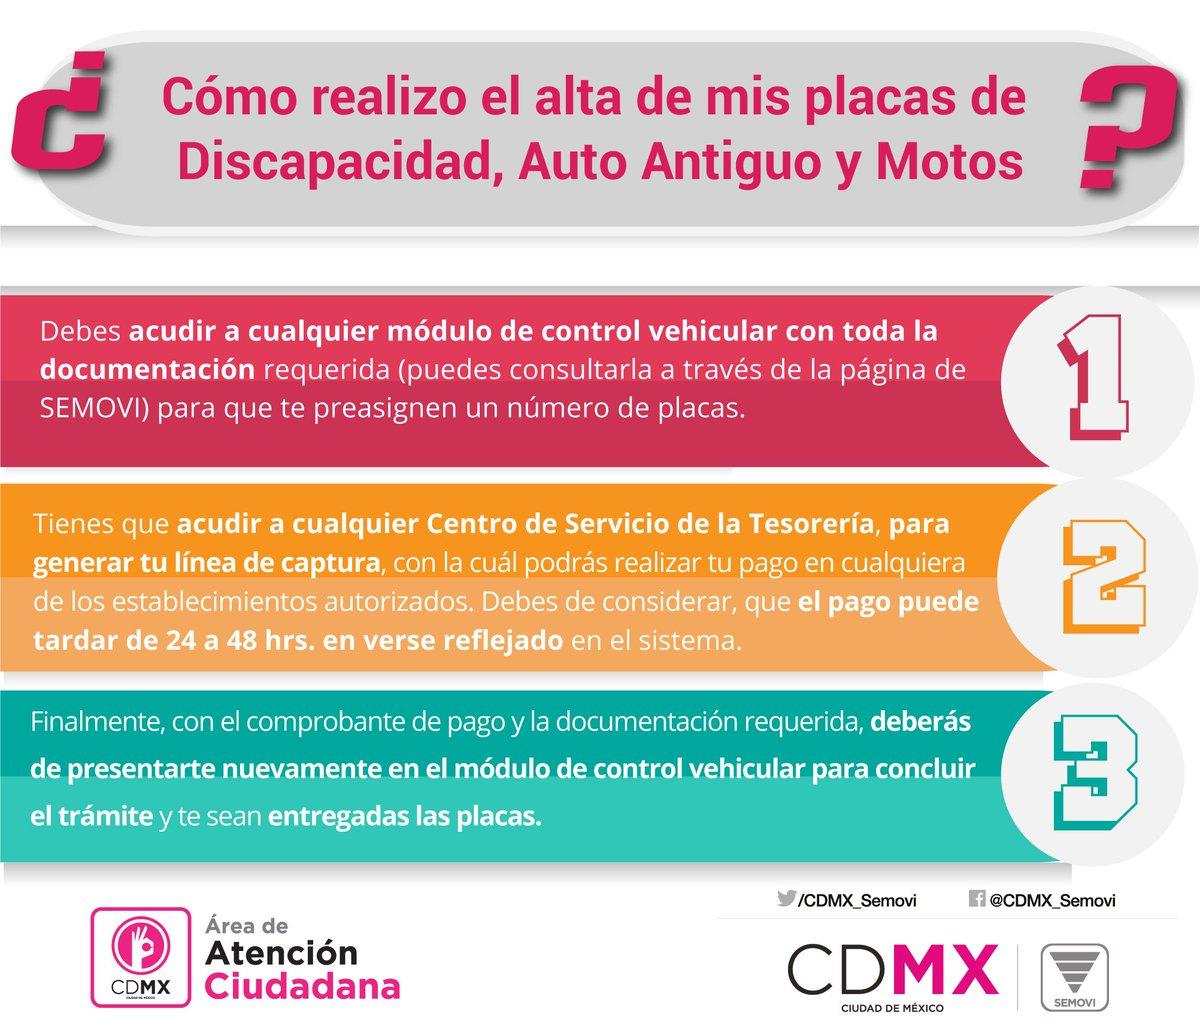 Secretaría De Movilidad Cdmx On Twitter Buen Día Le